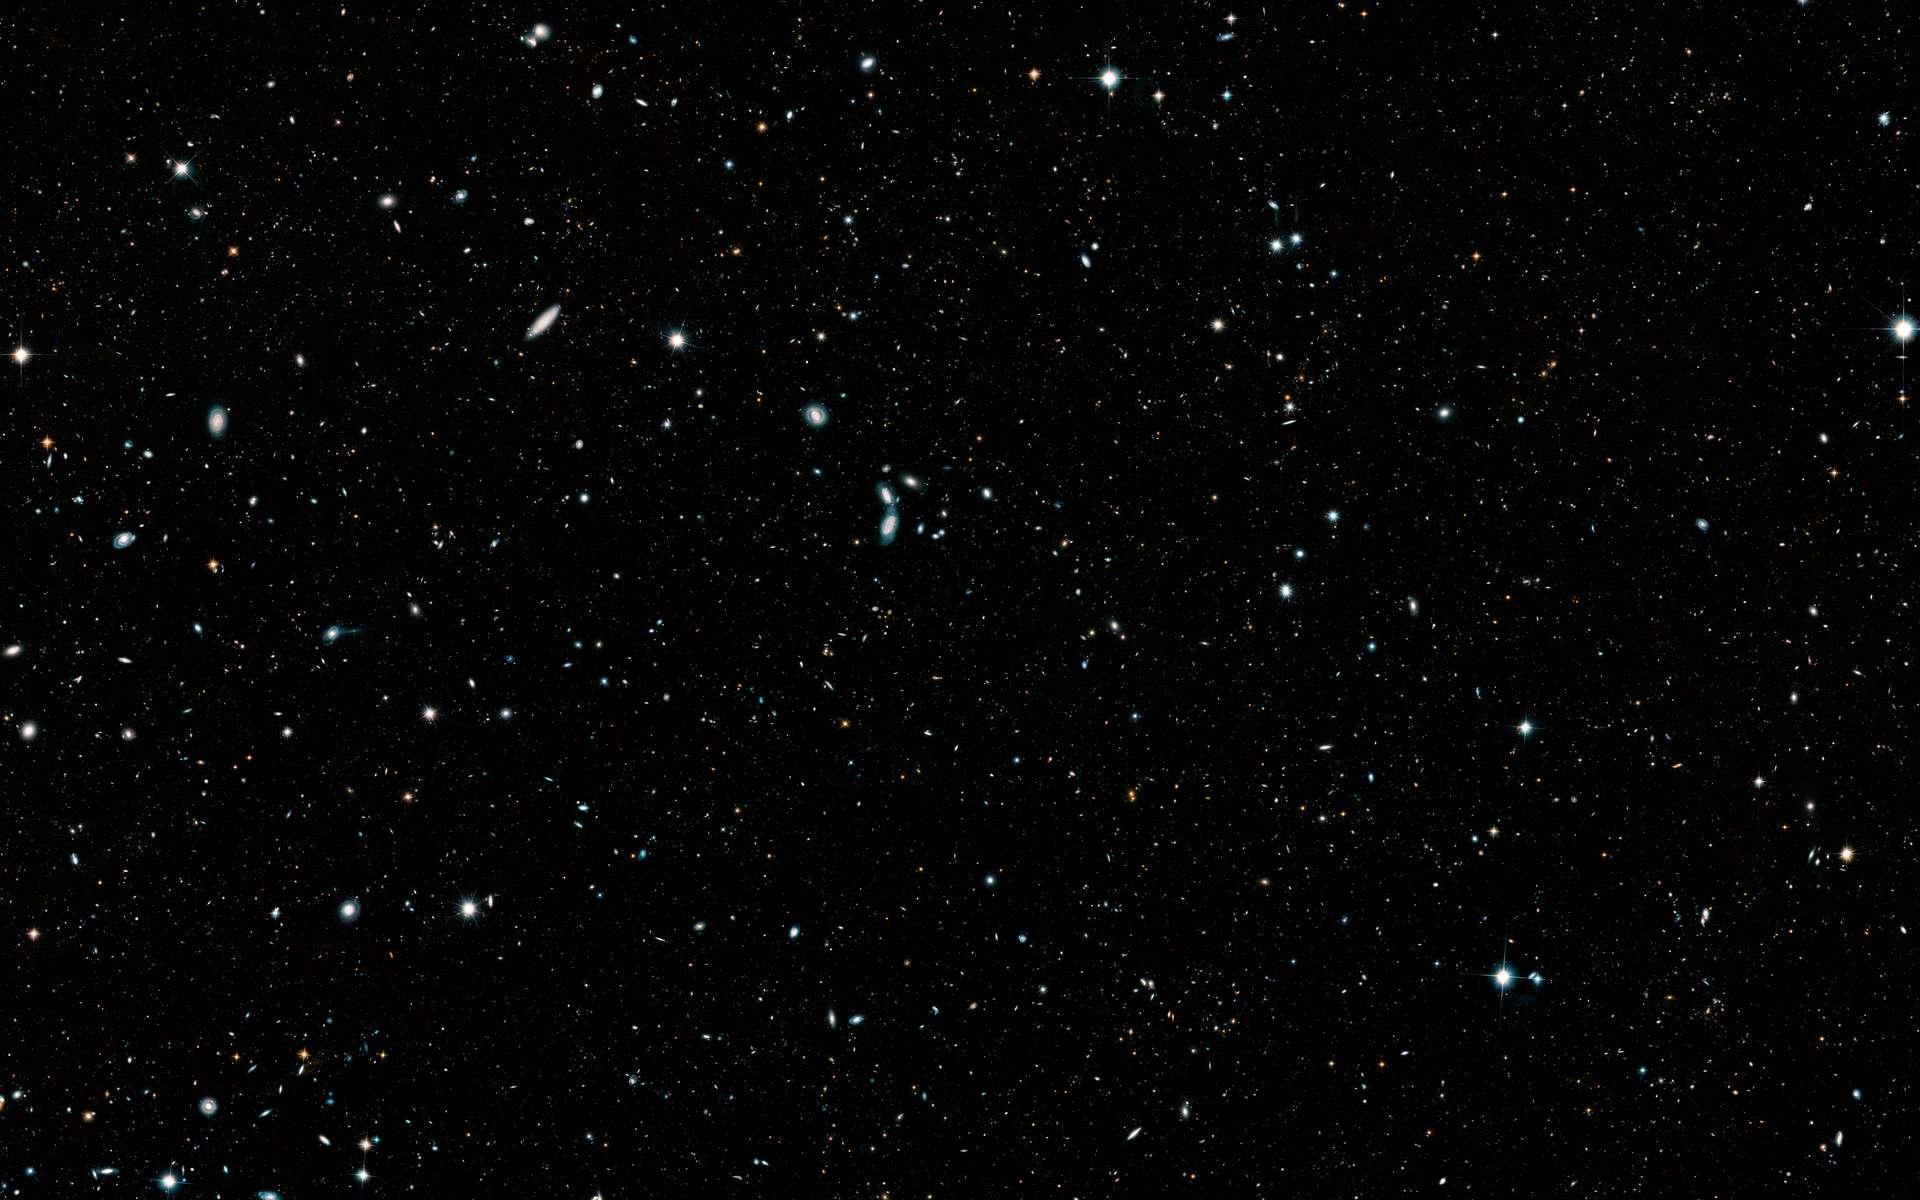 Toutes les vues profondes de l'univers dans une région du ciel capturées par Hubble ont été assemblées dans une seule image. © Nasa, ESA, G. Illingworth and D. Magee (University of California, Santa Cruz), K. Whitaker (University of Connecticut), R. Bouwens (Leiden University), P. Oesch (University of Geneva), and the Hubble Legacy Field team